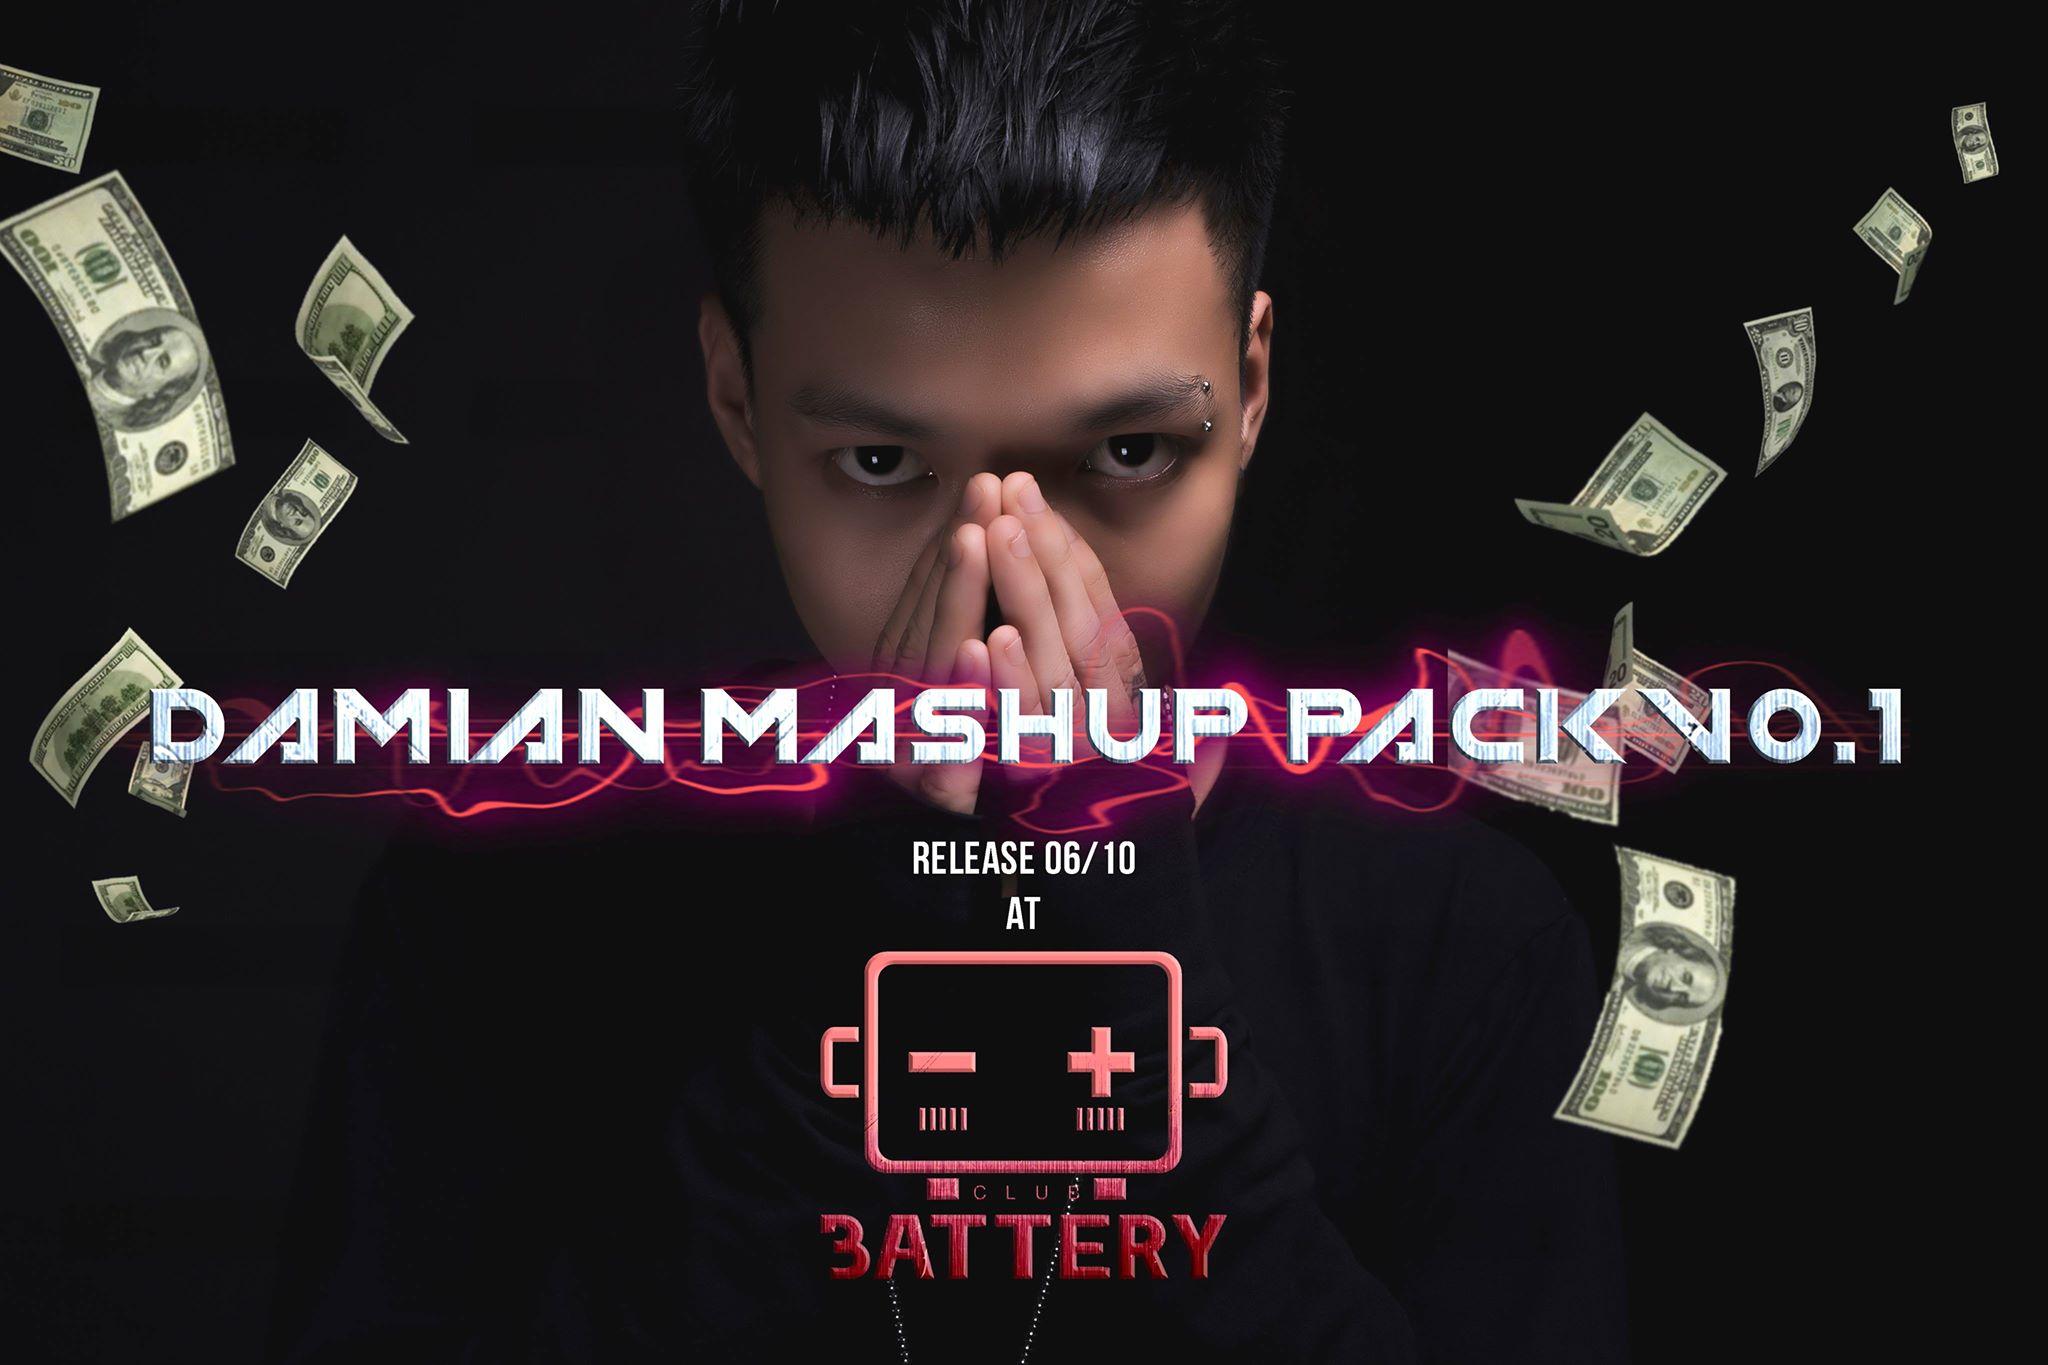 Damian Mashup Pack Vol.1